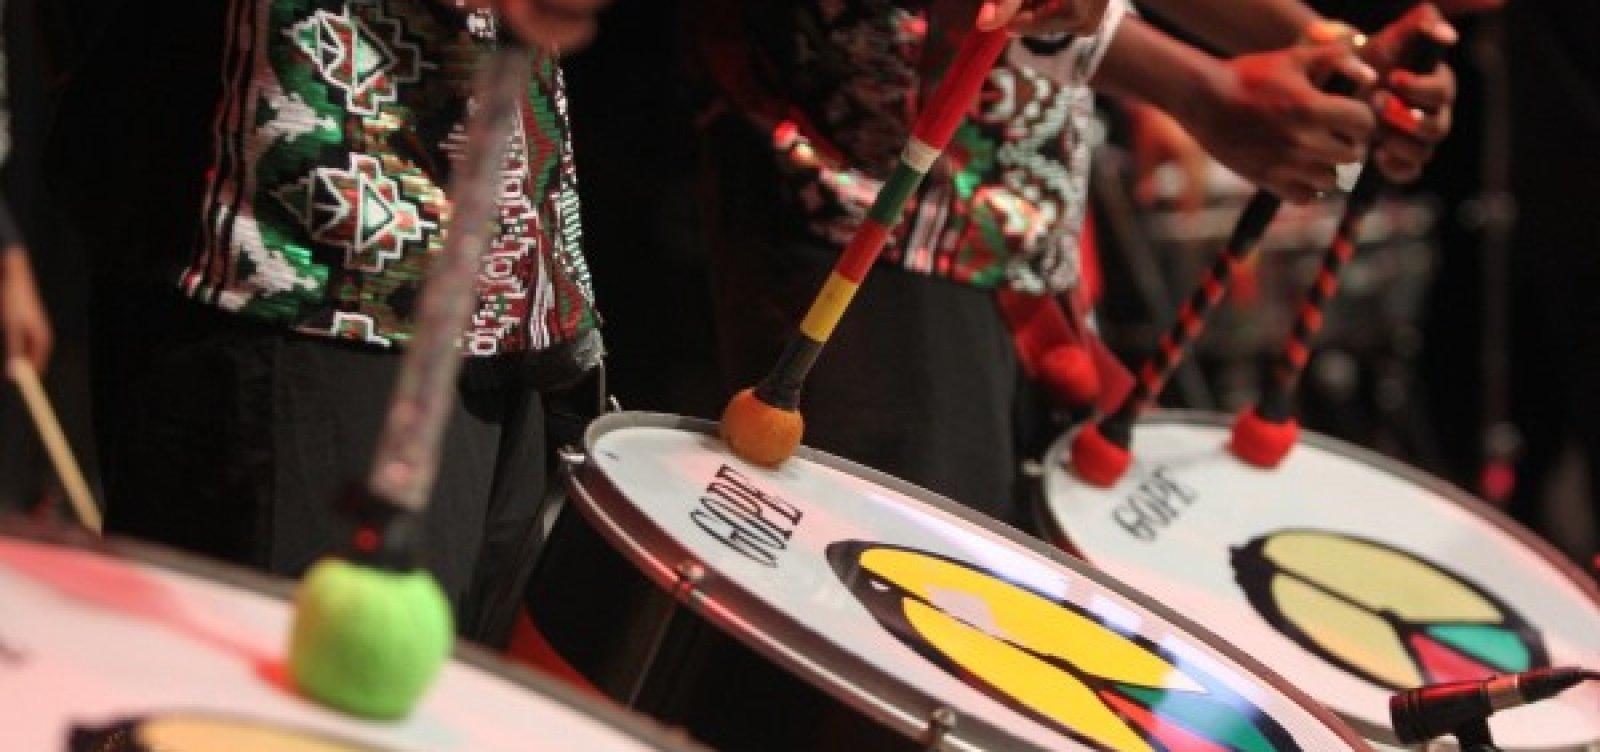 Olodum comemora 40 anos de história com show no Pelourinho